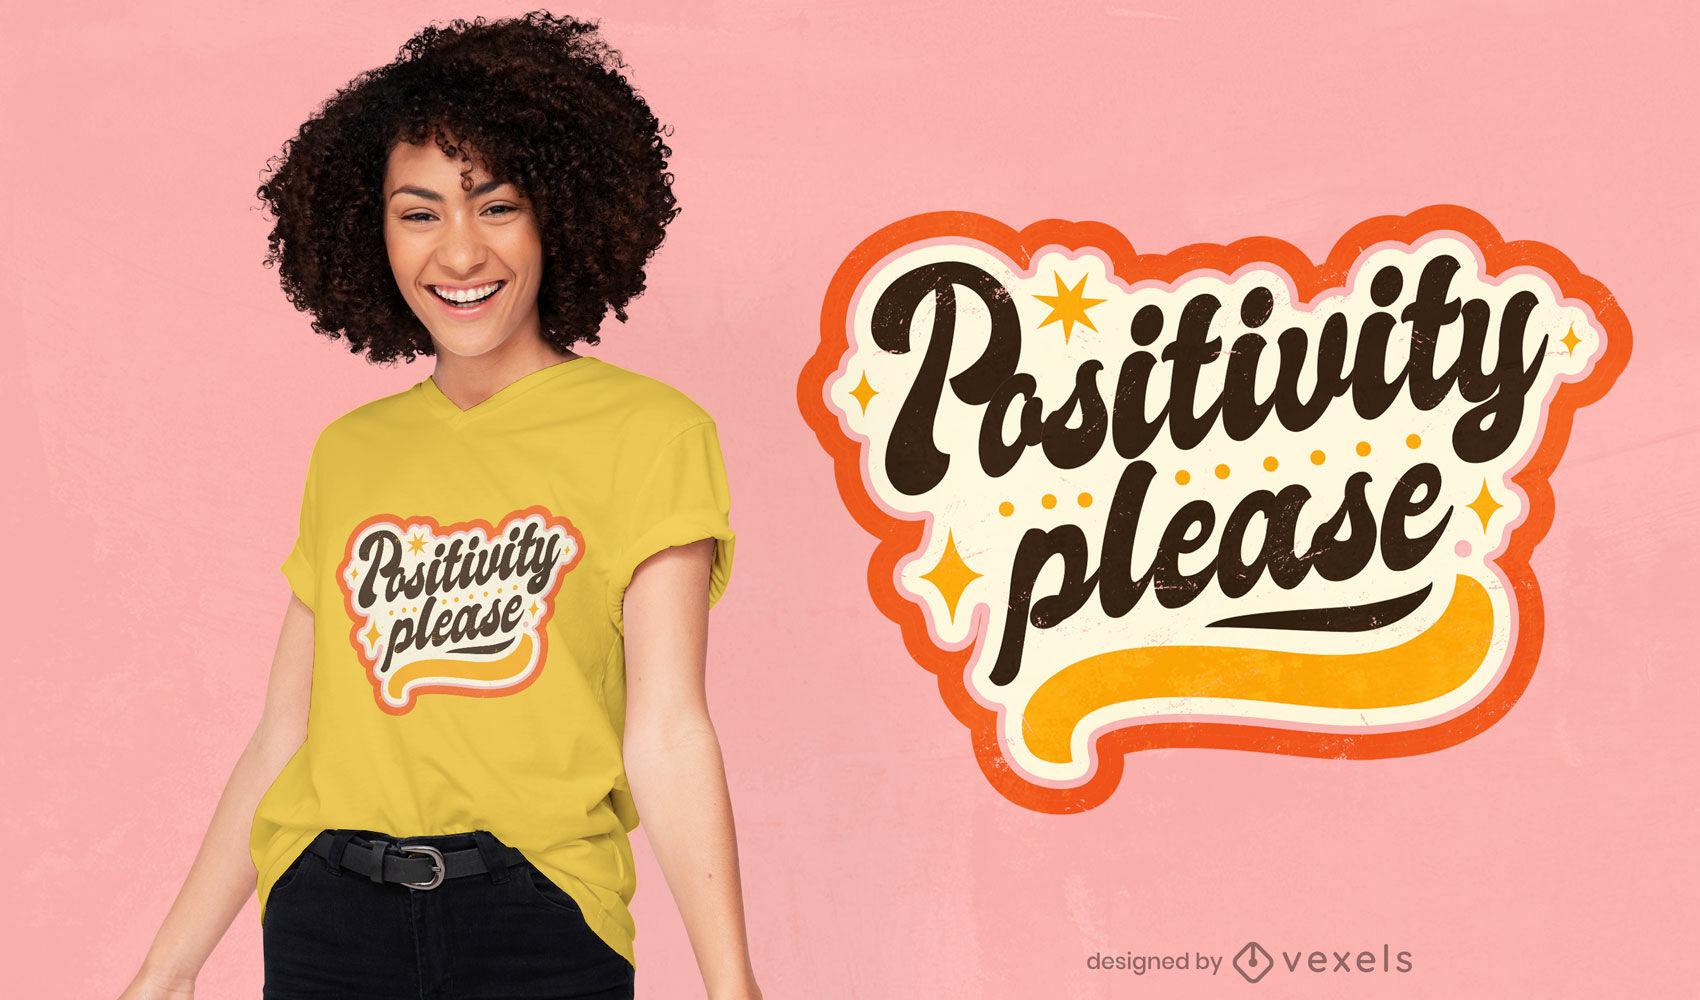 Positivity please lettering t-shirt design